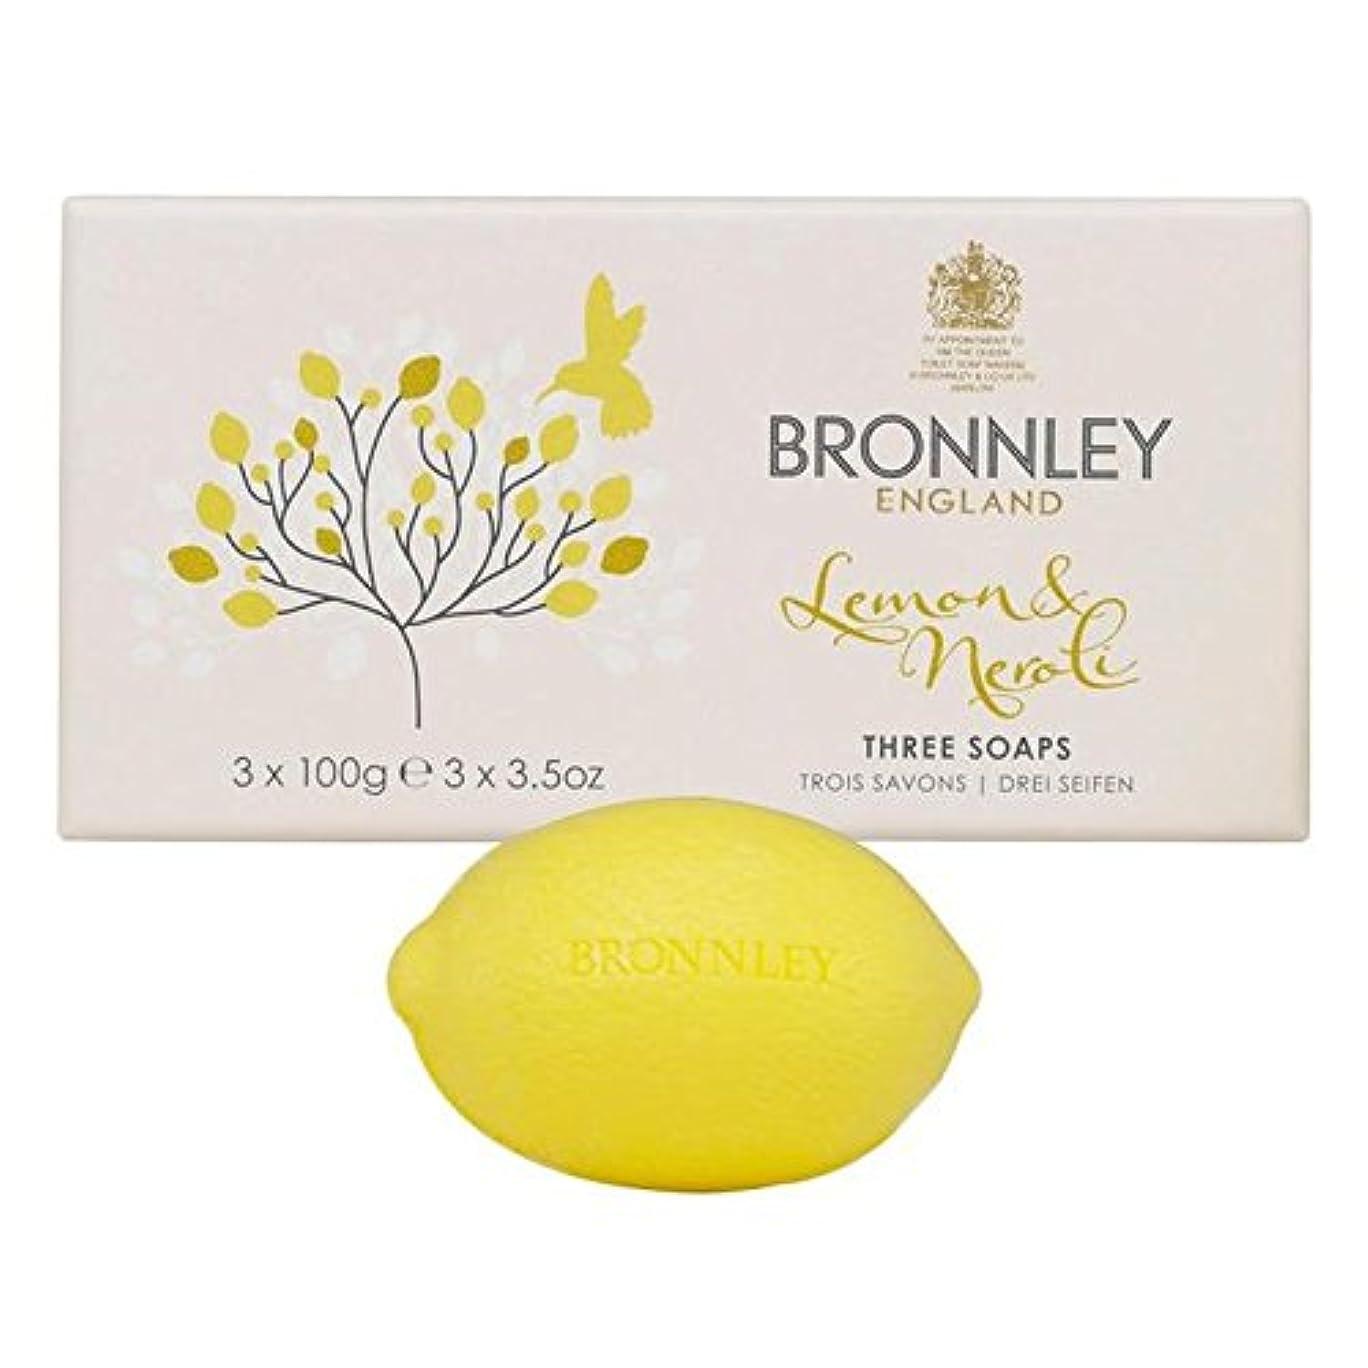 ハンマー計算ご飯レモン&ネロリ石鹸3×100グラム x2 - Bronnley Lemon & Neroli Soaps 3 x 100g (Pack of 2) [並行輸入品]